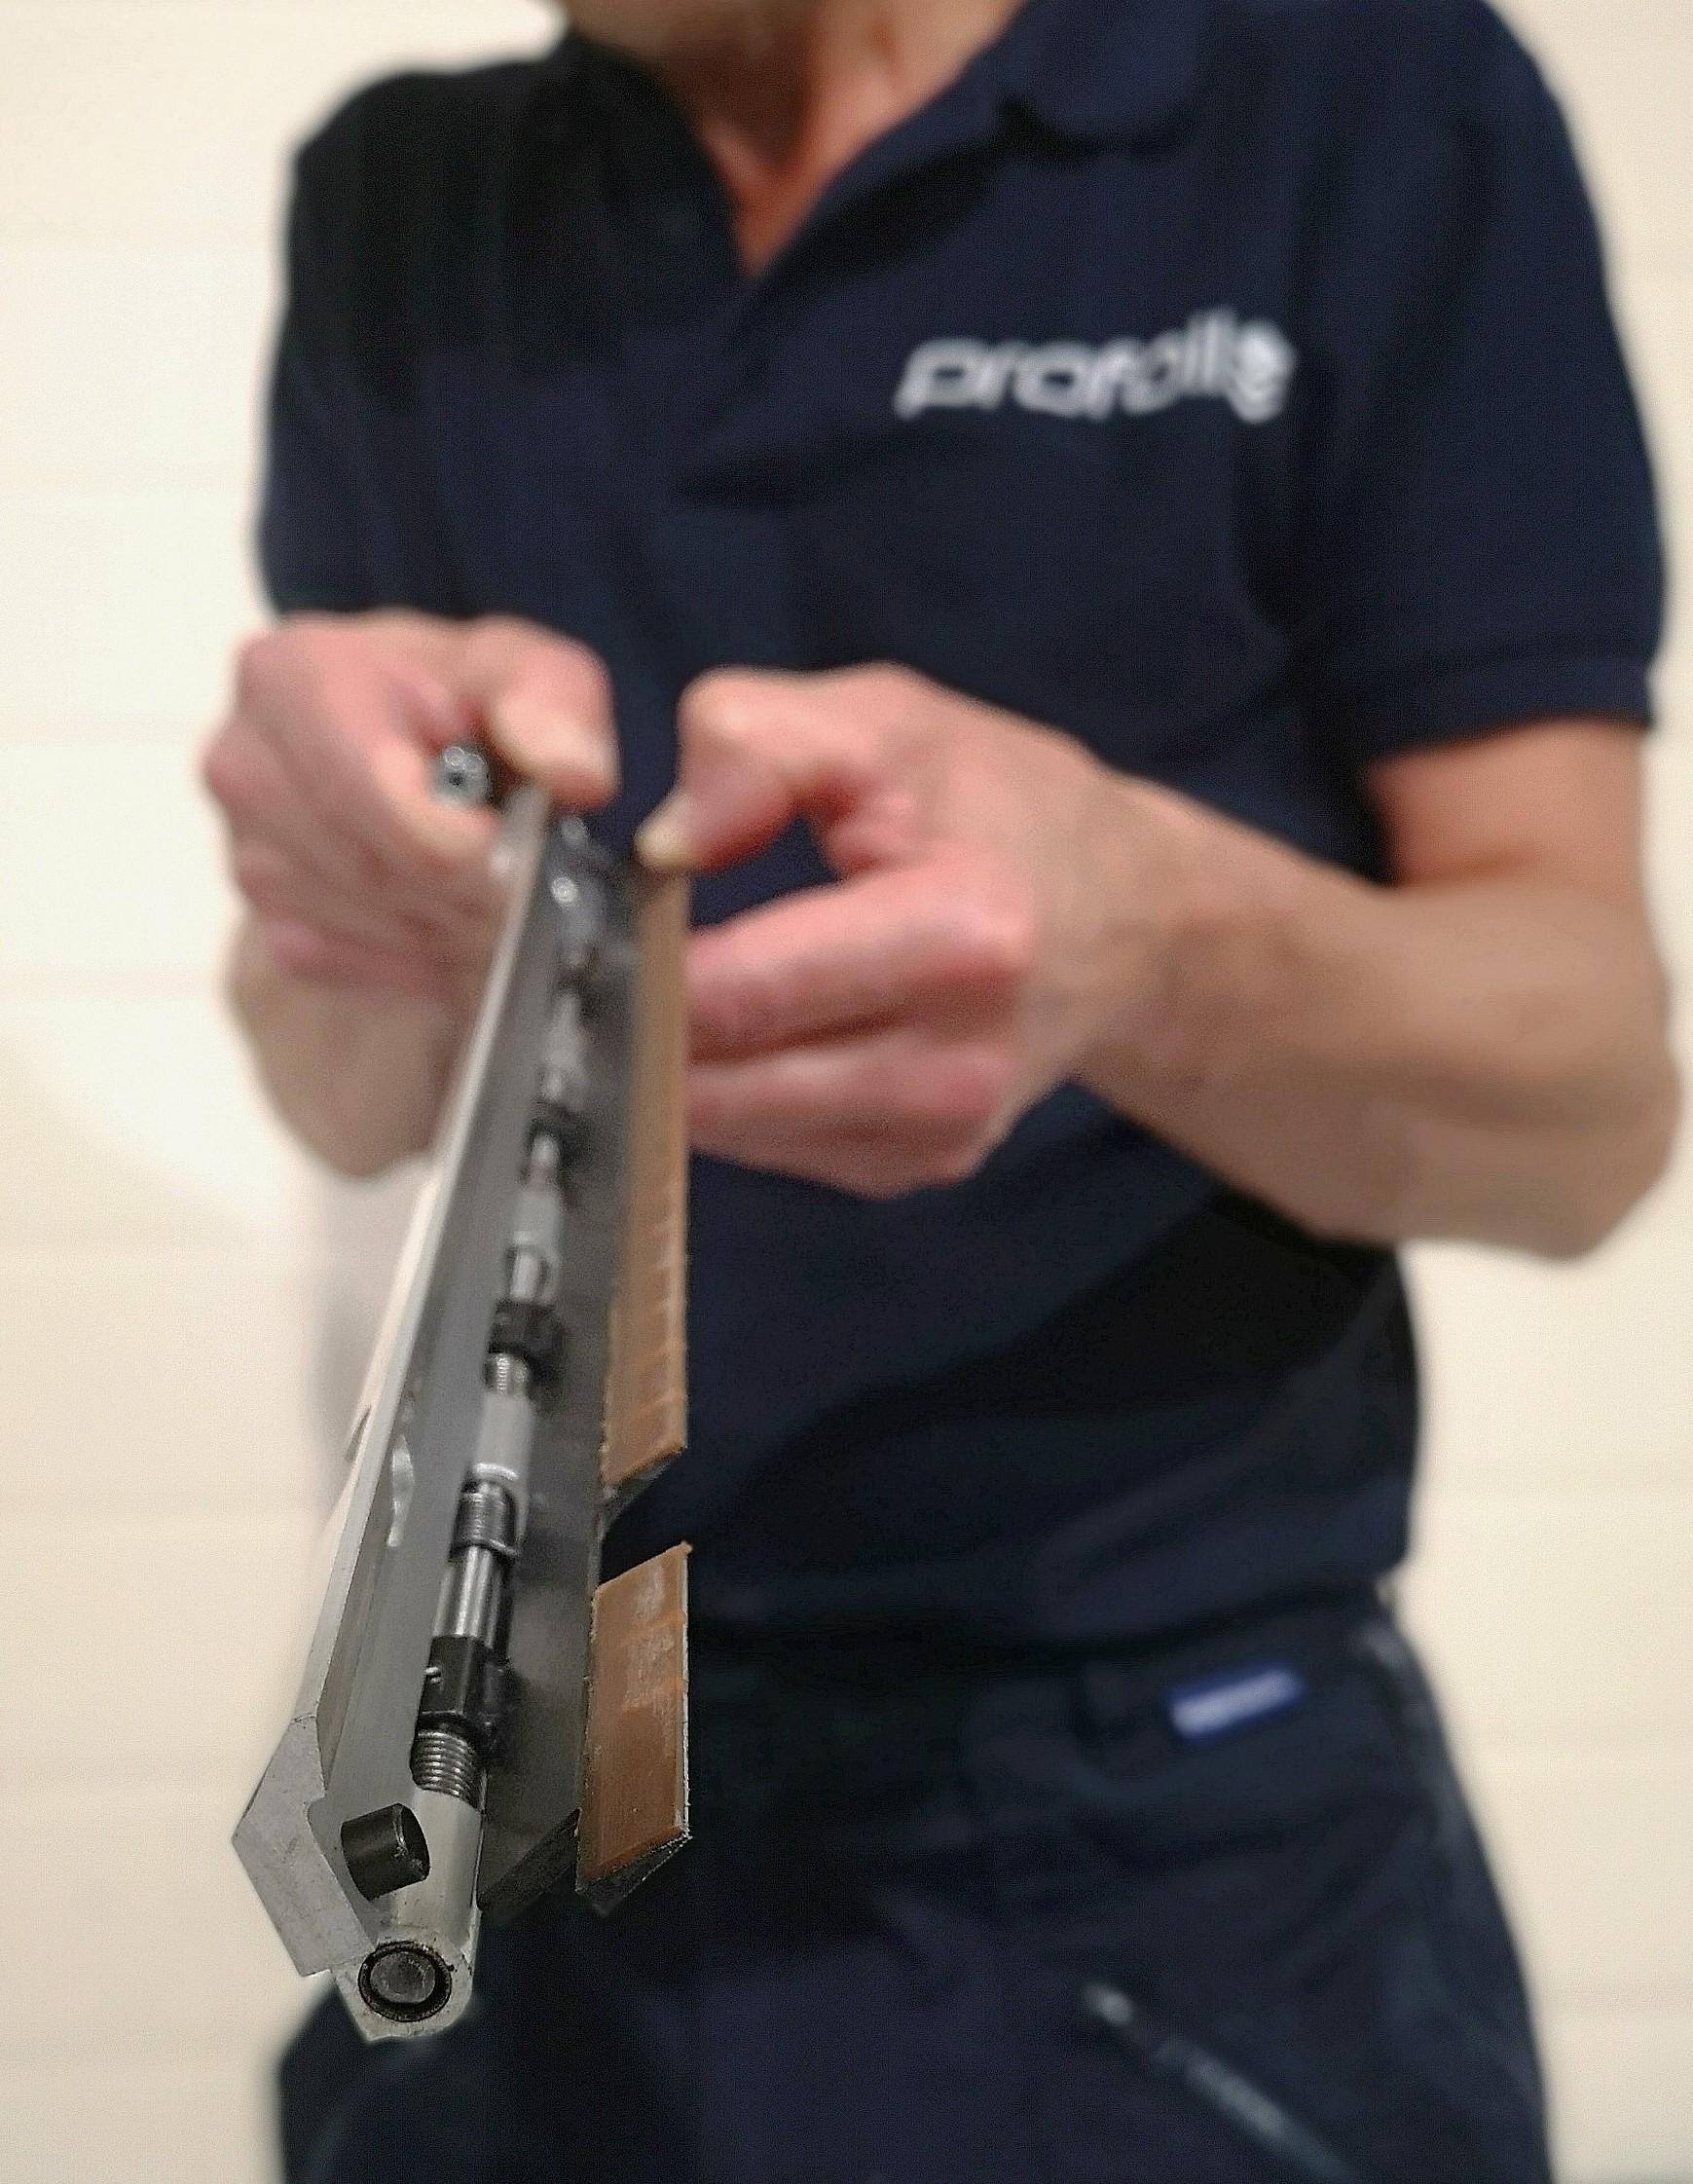 Gripper arm inspection